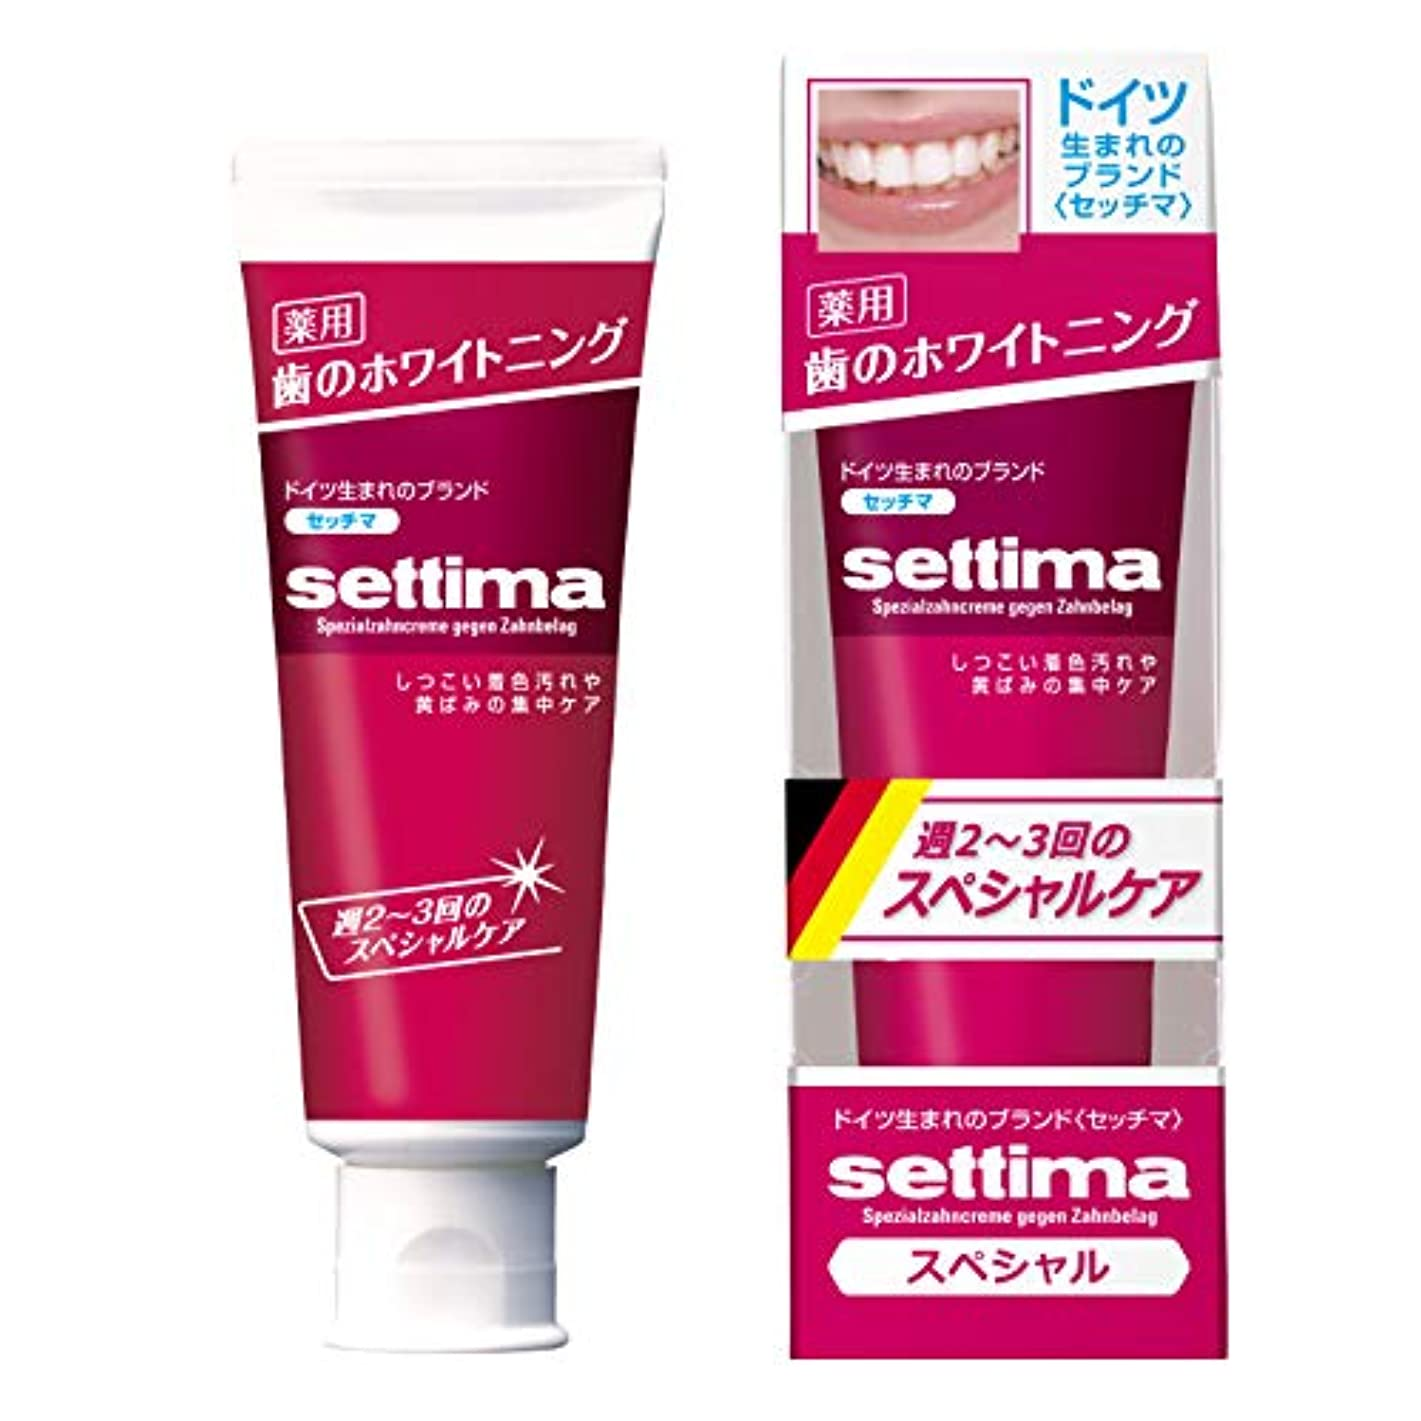 瞑想的ソース悲しい[医薬部外品] settima(セッチマ) ホワイトニング 歯みがき スペシャルケア [ペパーミントタイプ] <ステインケア タバコのヤニ取り フッ素配合 虫歯予防> 80g